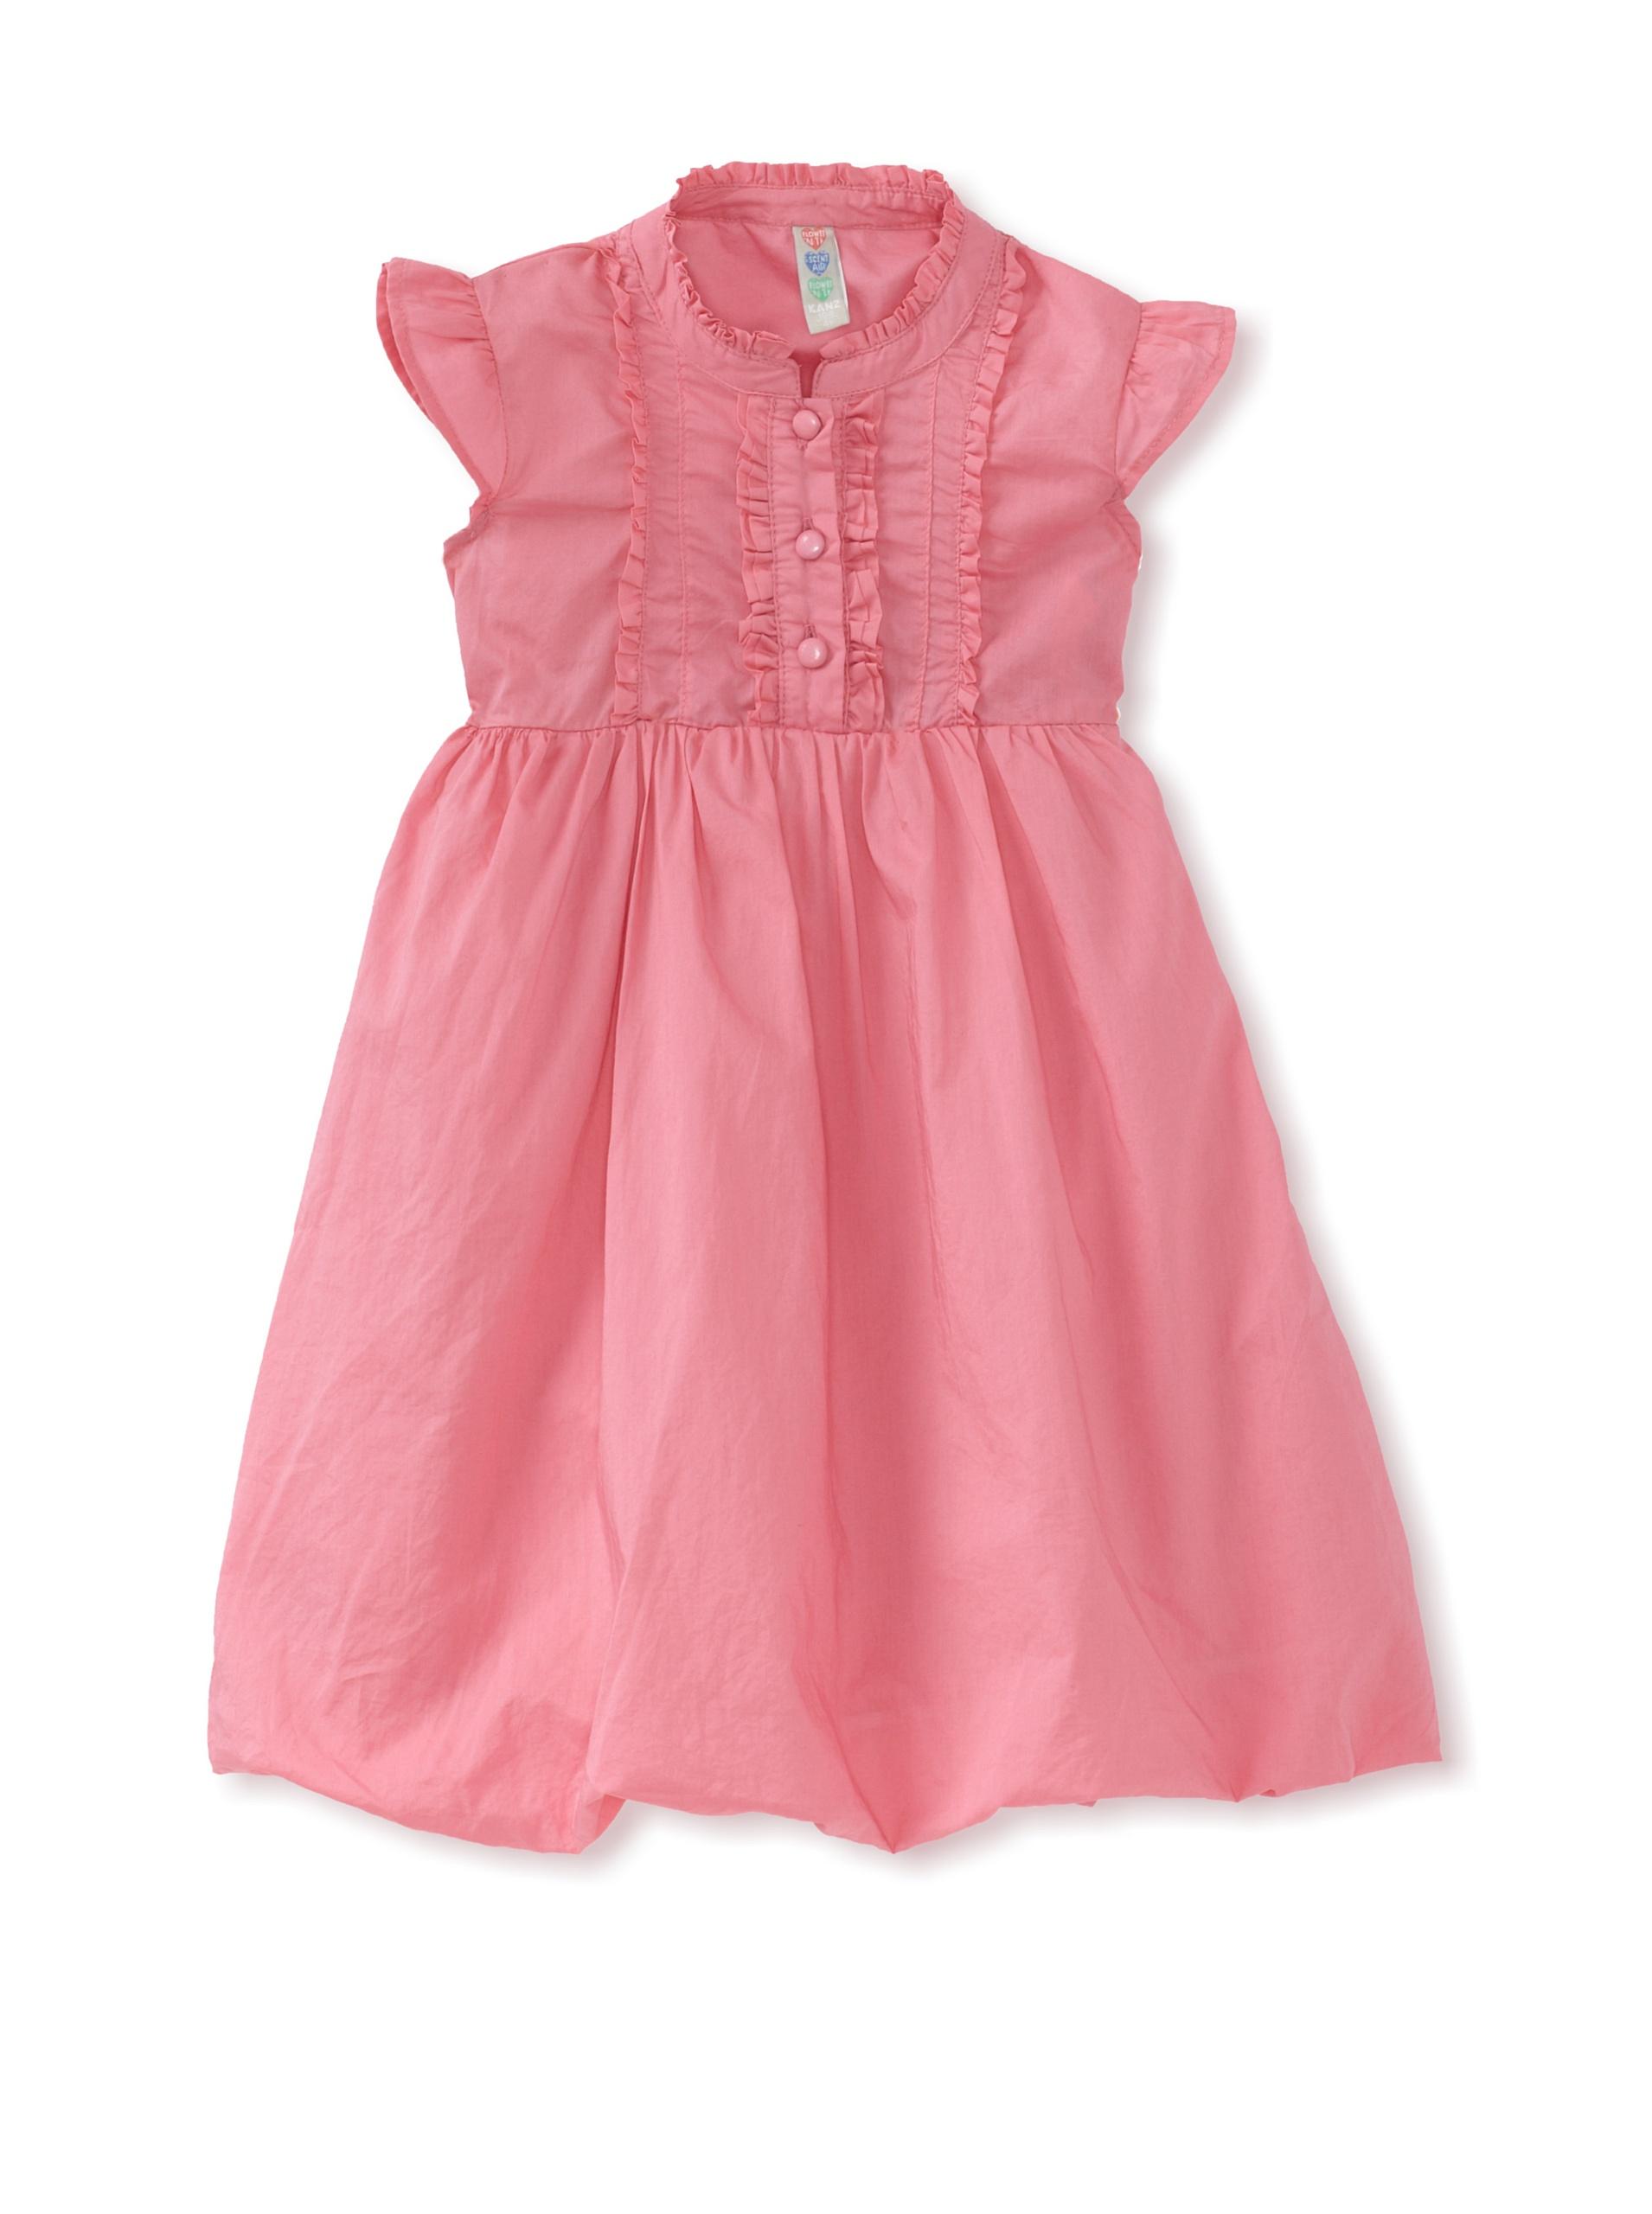 KANZ Girl's Ruffle-Trimmed Dress (Pink)